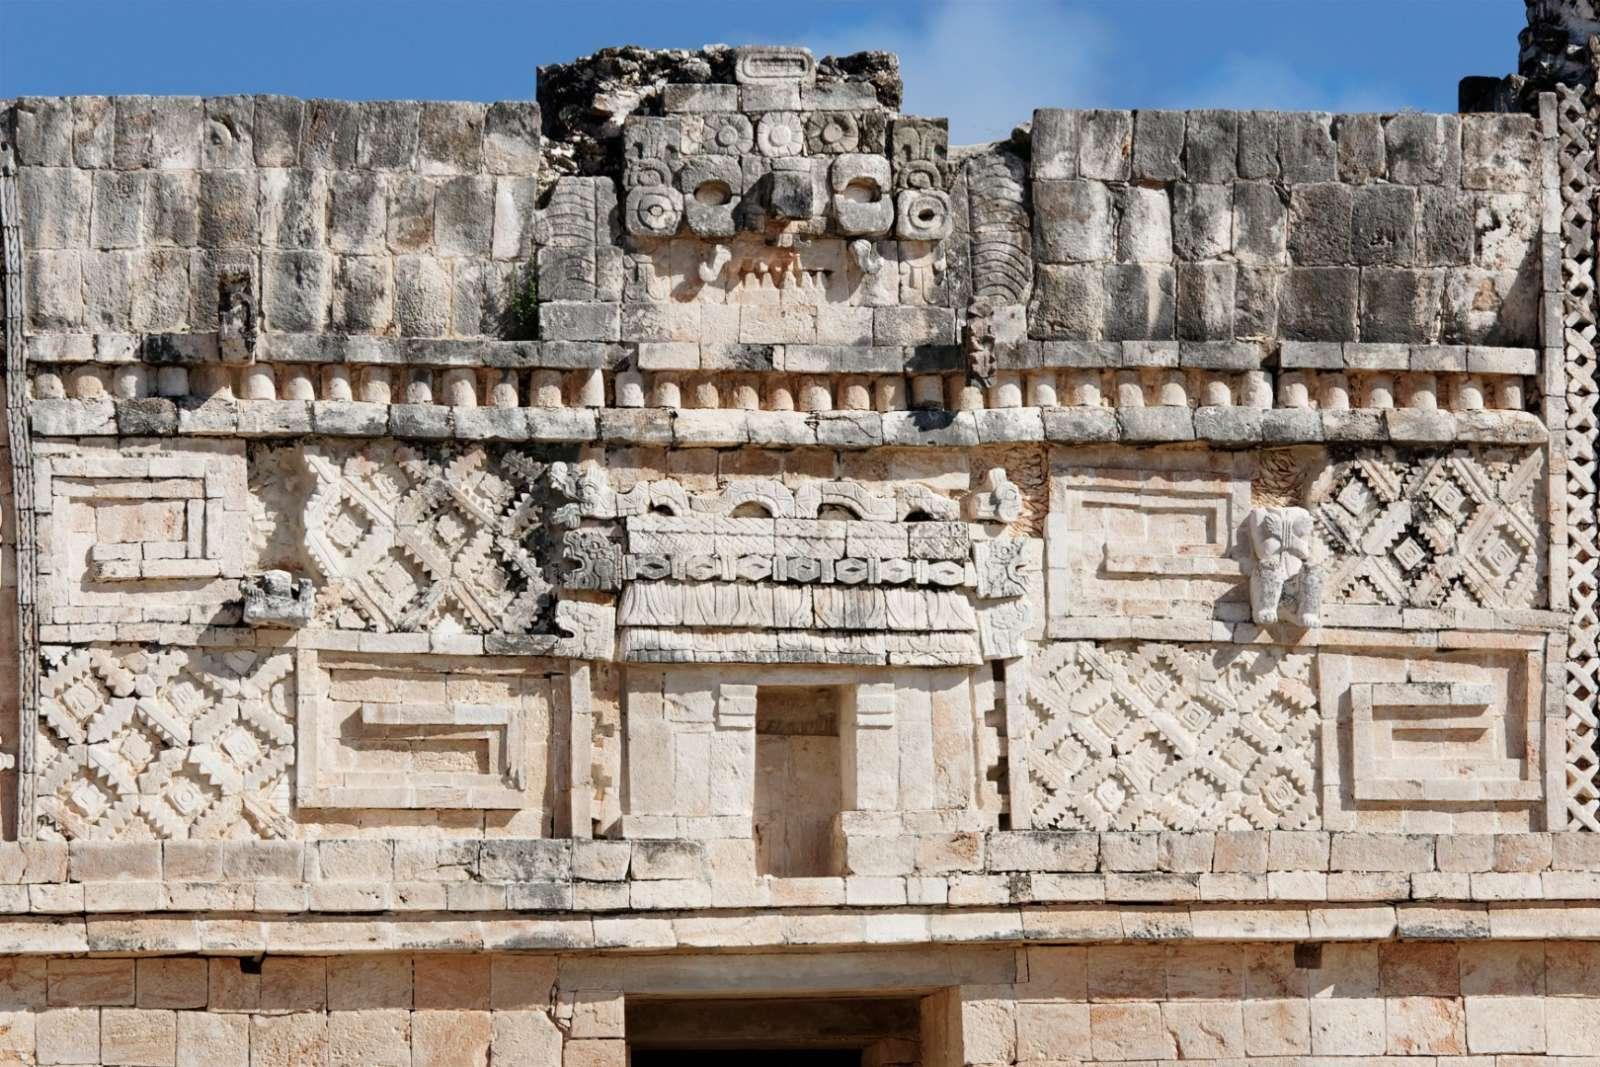 Wall carvings at Uxmal, Mexico